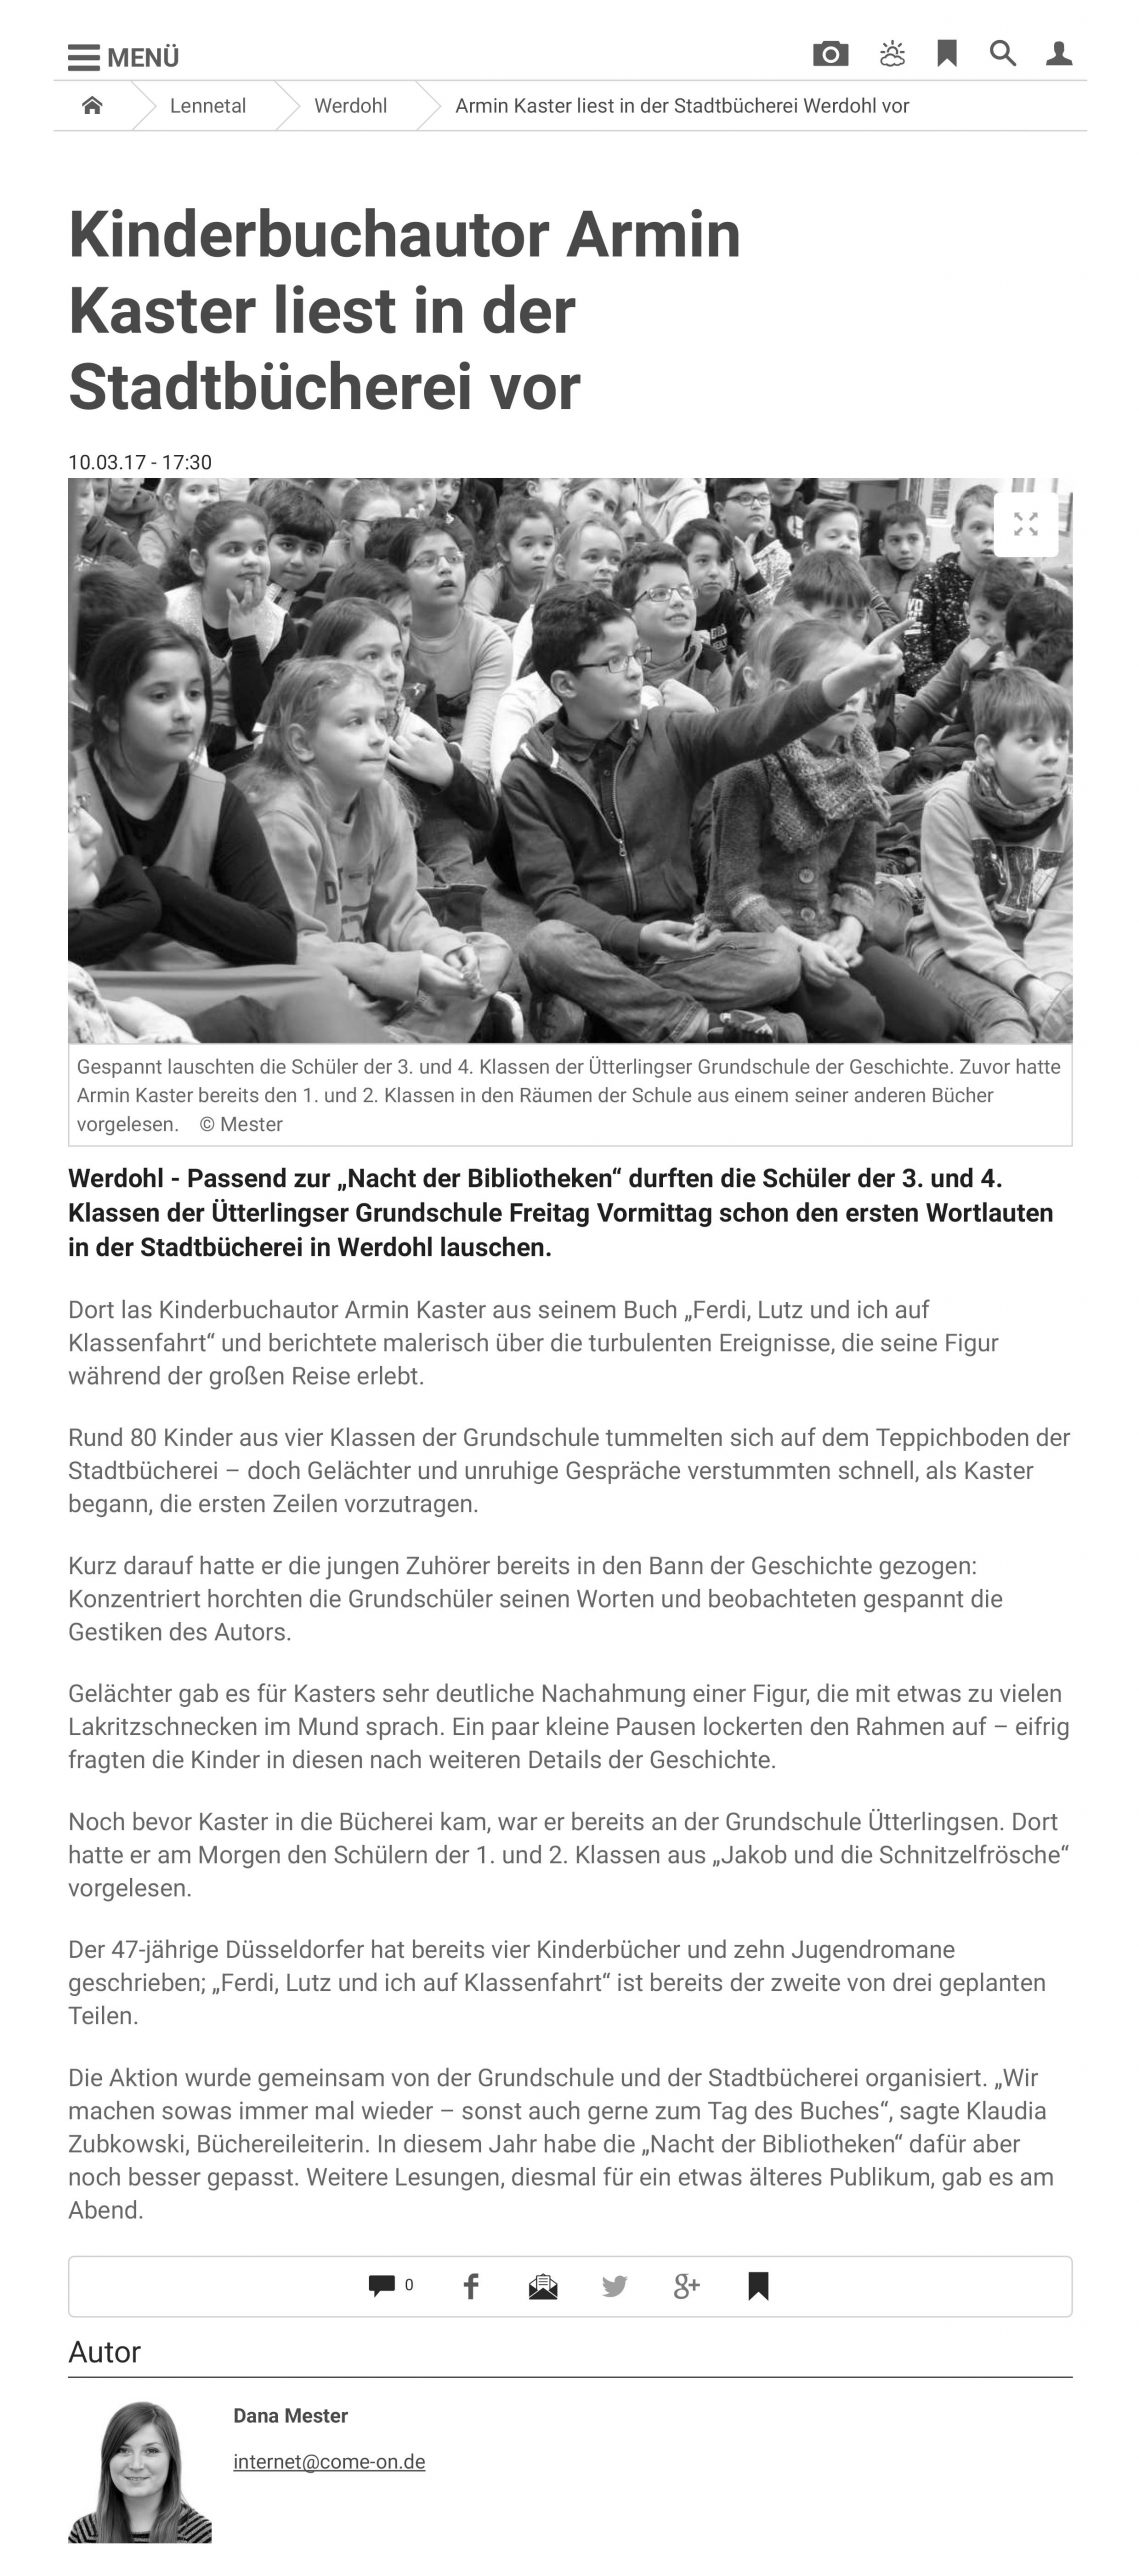 8. 10.03.17 Armin Kaster liest in der Stadtbücherei Werdohl vor _ Werdohl